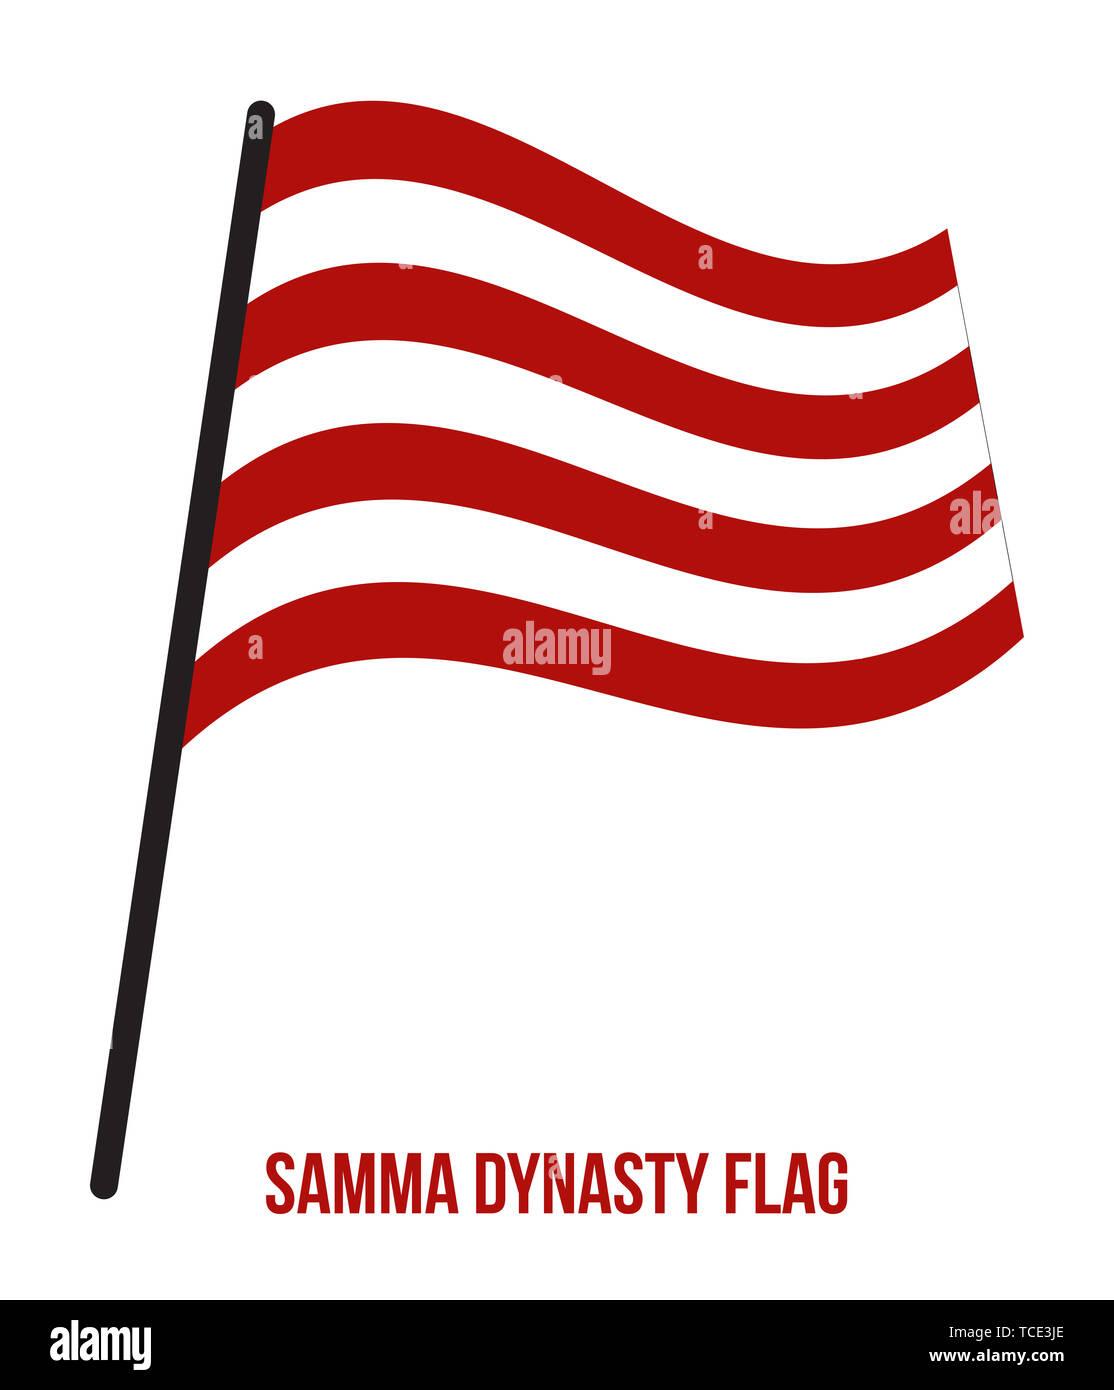 Samma dinastia (1351-1524) bandiera sventola illustrazione vettoriale su sfondo bianco. Il Samma dinastia era un musulmano Rajput Accendere il subcontinente indiano. Immagini Stock